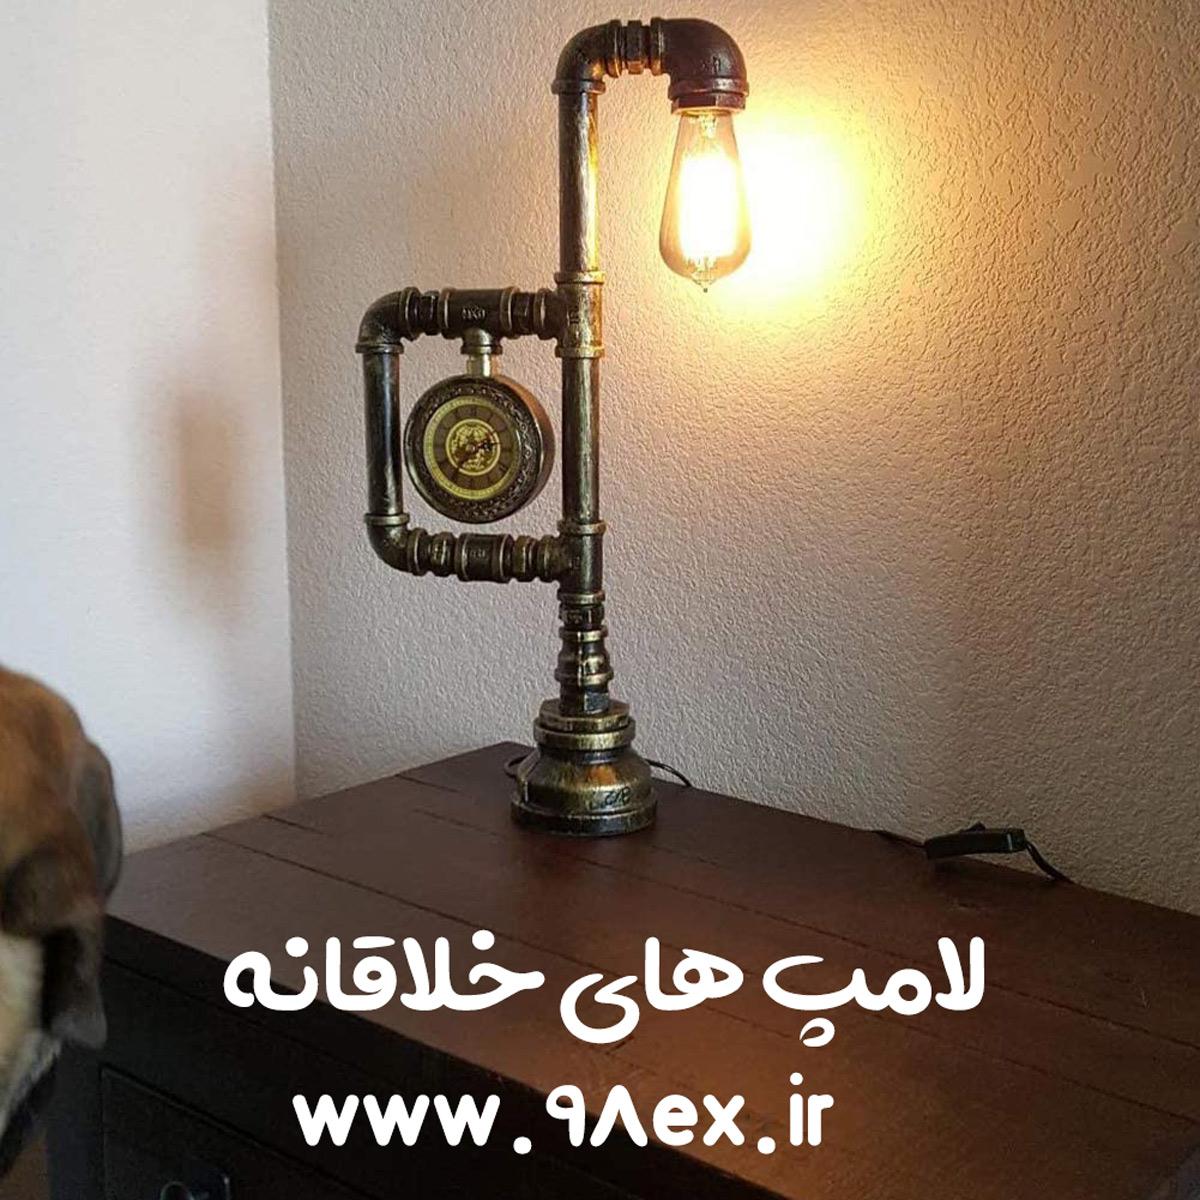 خرید-لامپ-جذاب